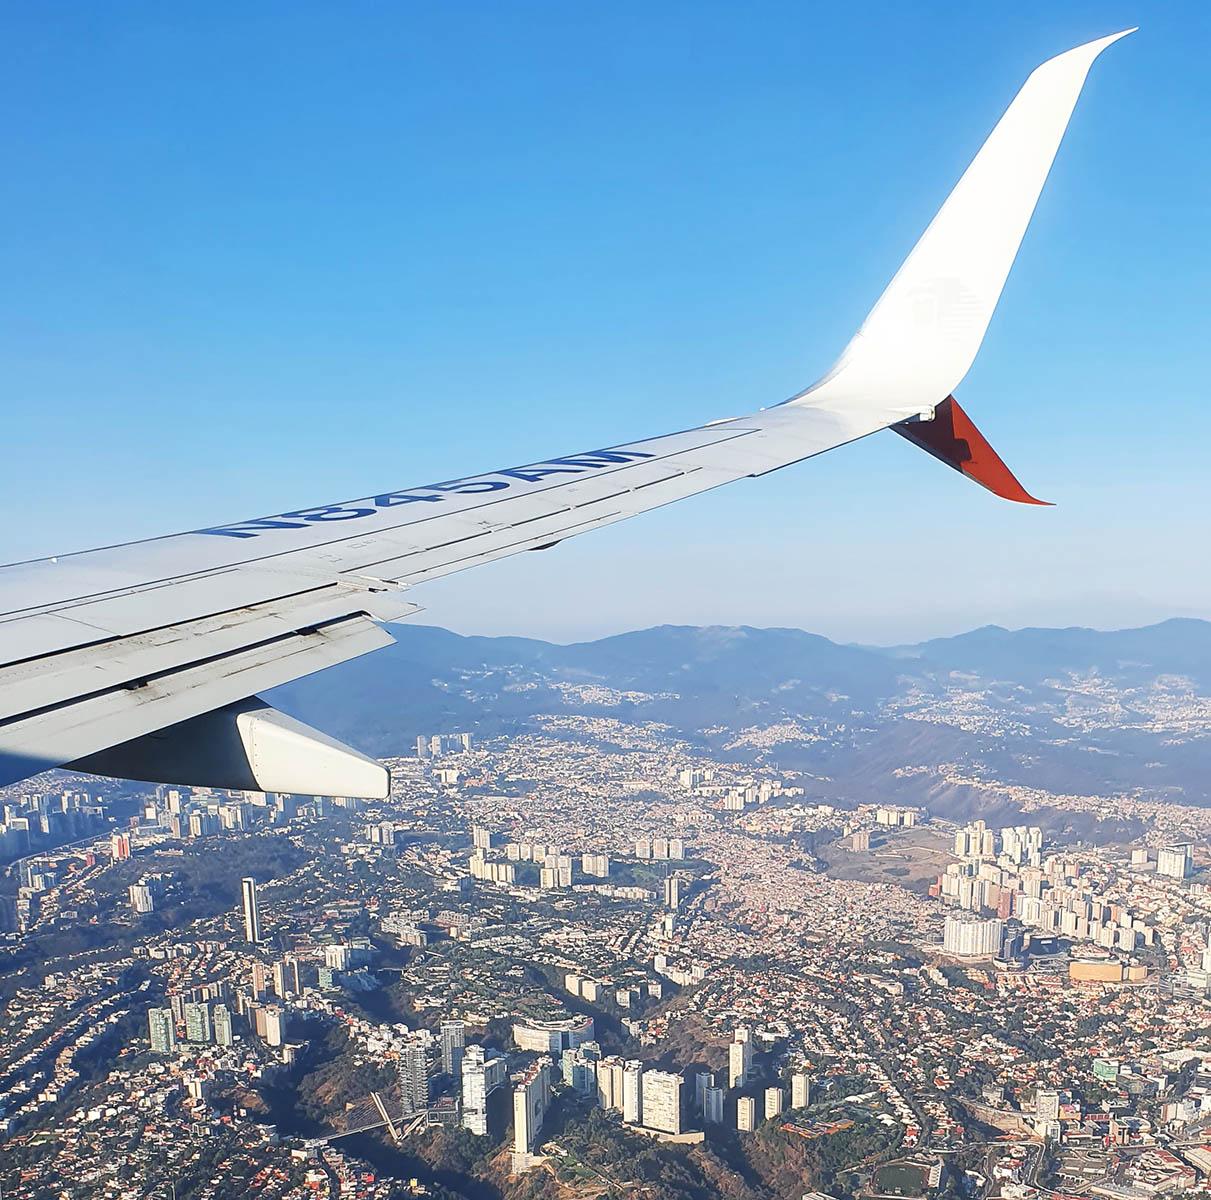 Cidade do México vista do avião